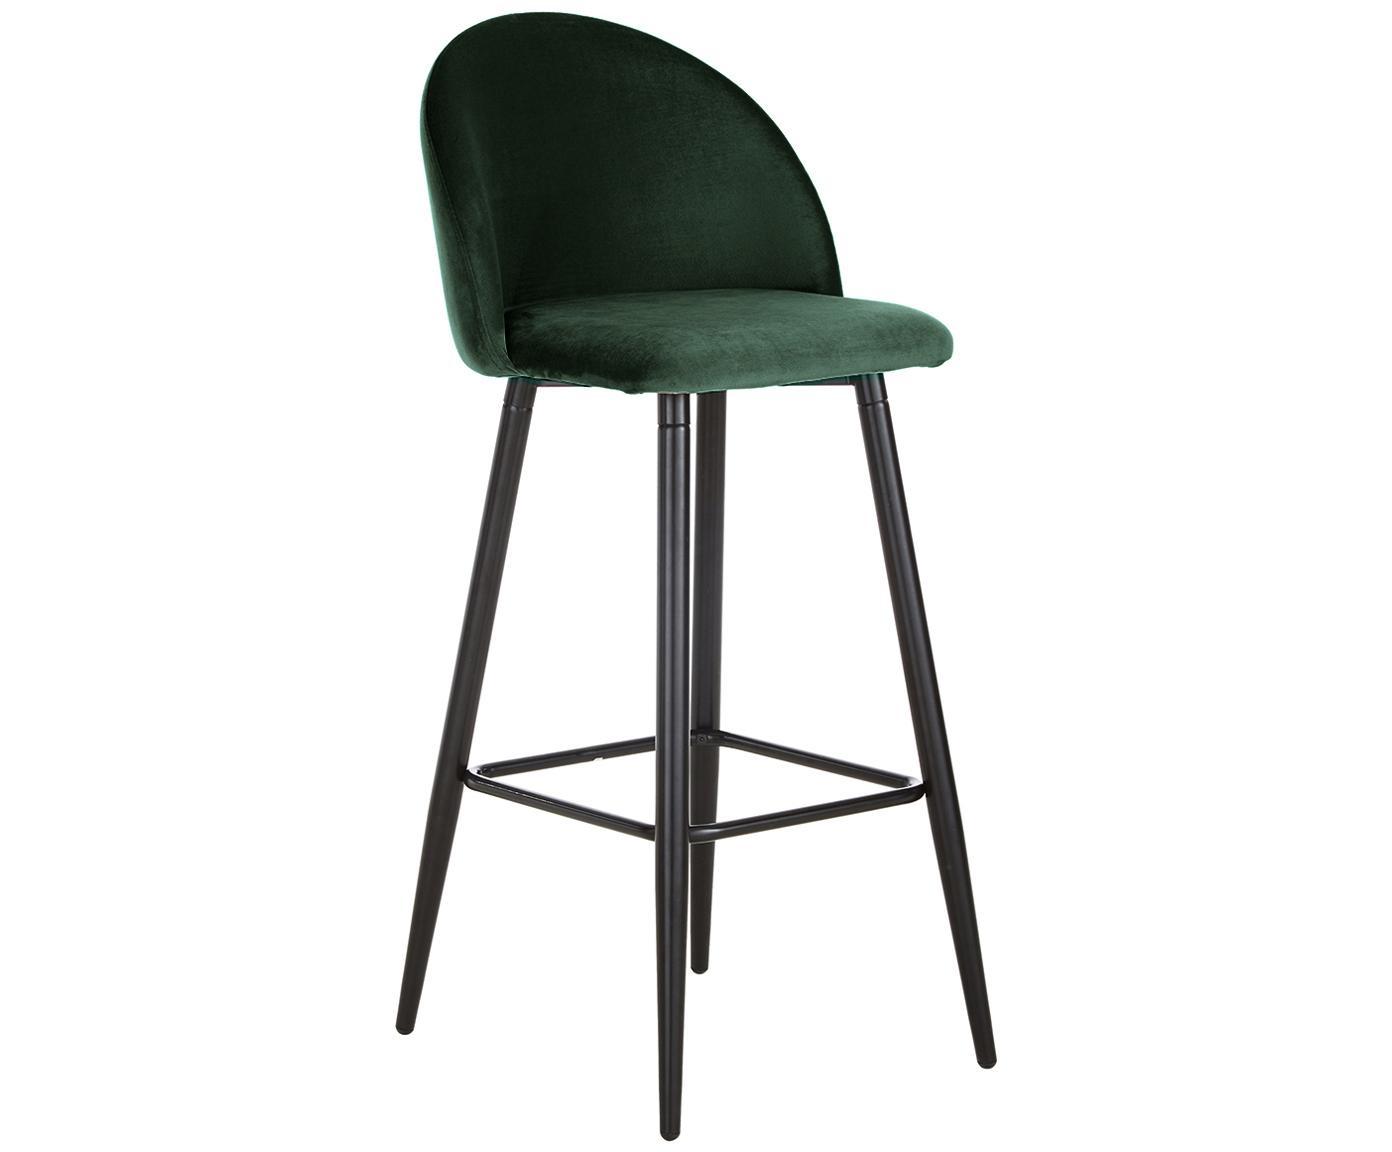 Sedia da bar in velluto verde scuro Amy, Rivestimento: velluto (poliestere) 20.0, Gambe: metallo verniciato a polv, Verde scuro, Larg. 45 x Alt. 103 cm